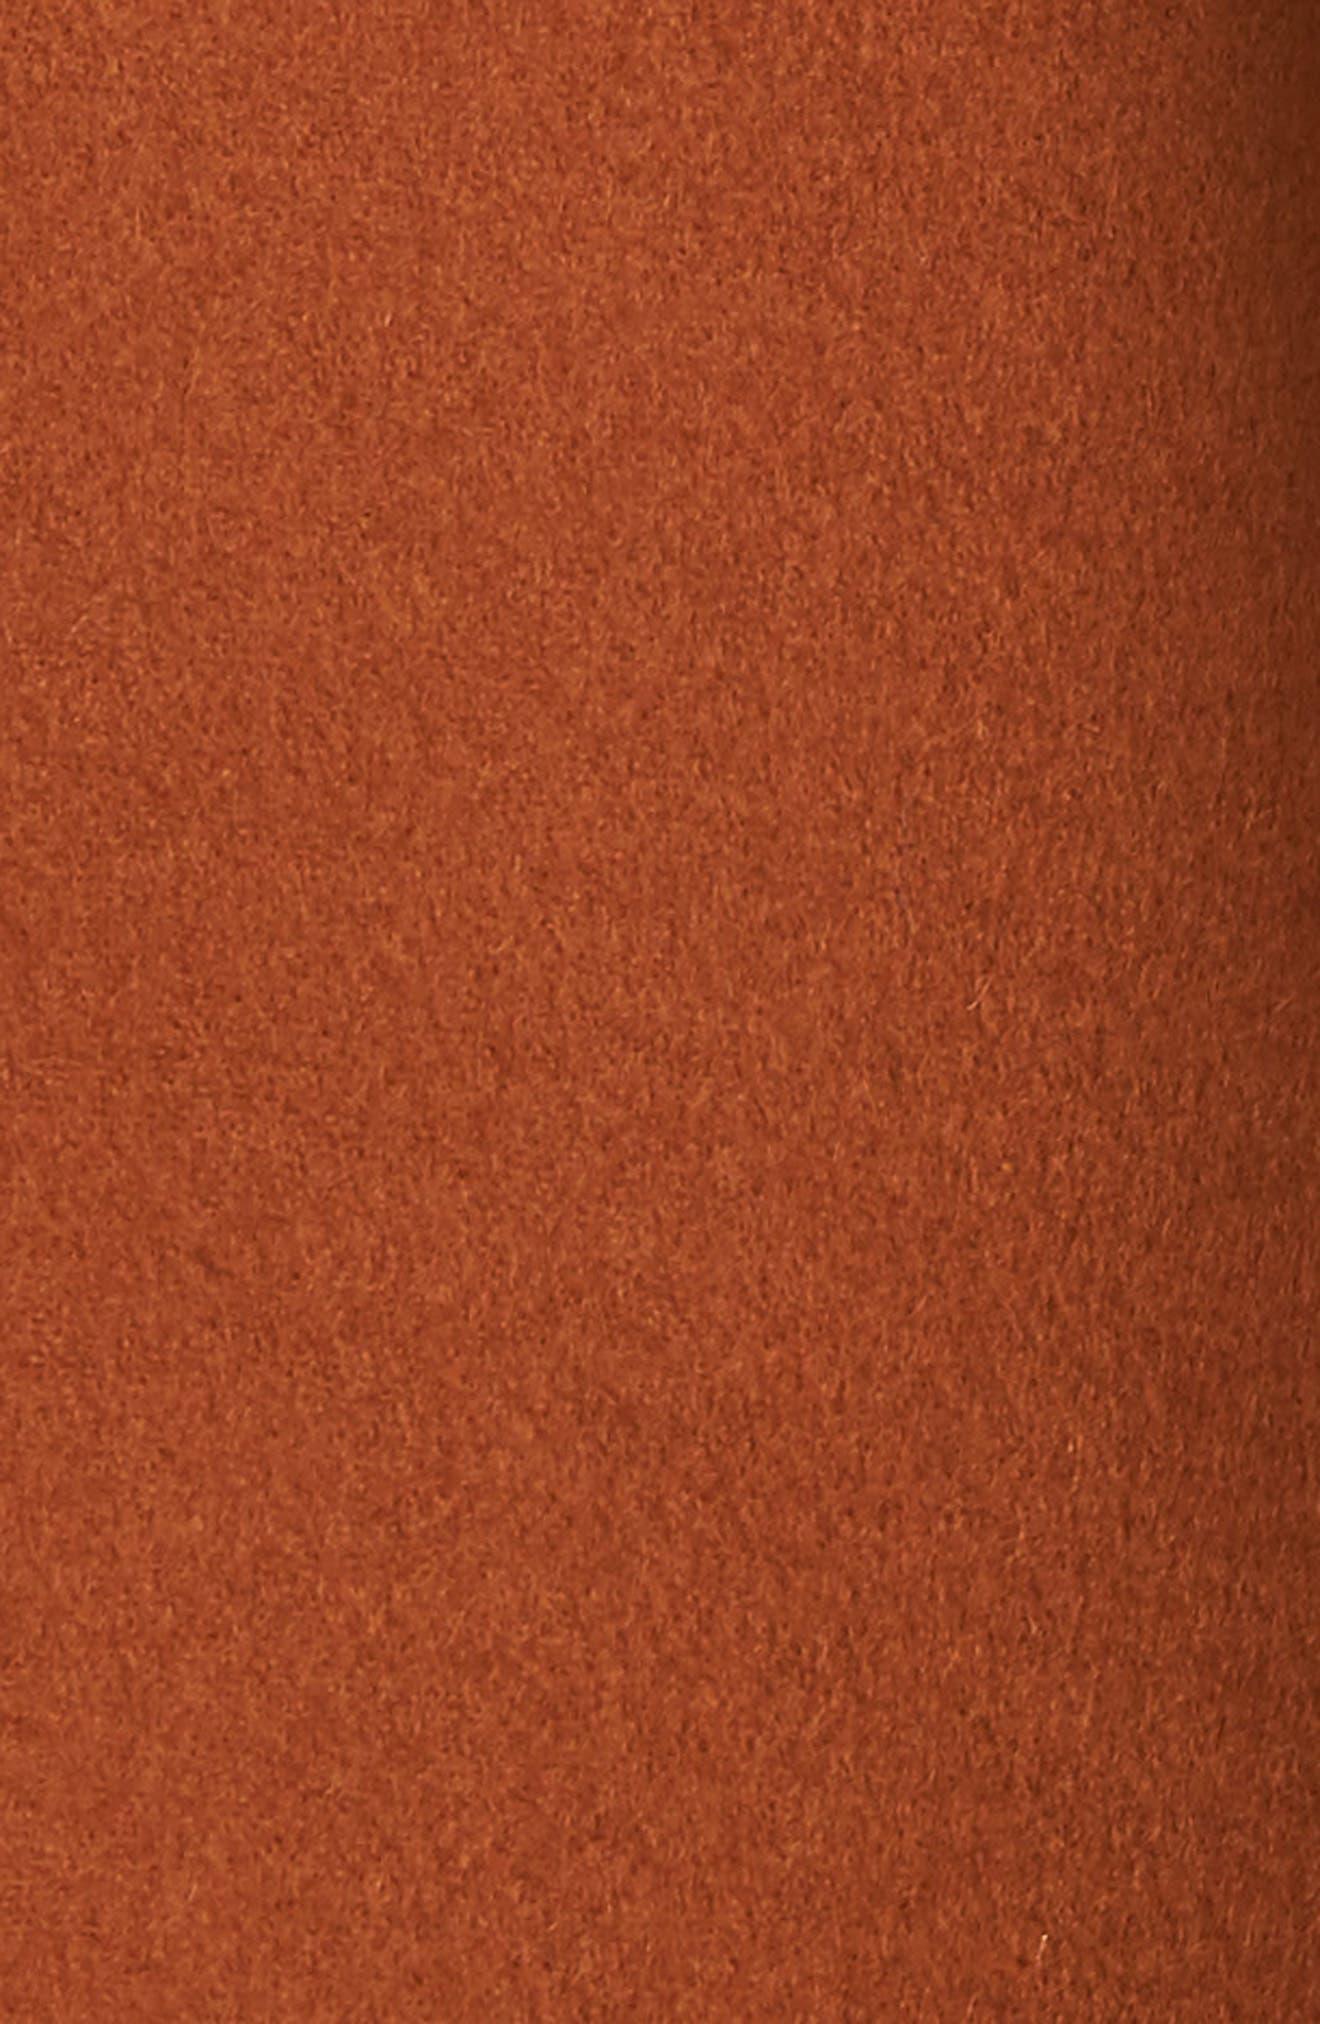 Ellie Notch Wool & Cashmere Duster Coat,                             Alternate thumbnail 6, color,                             200